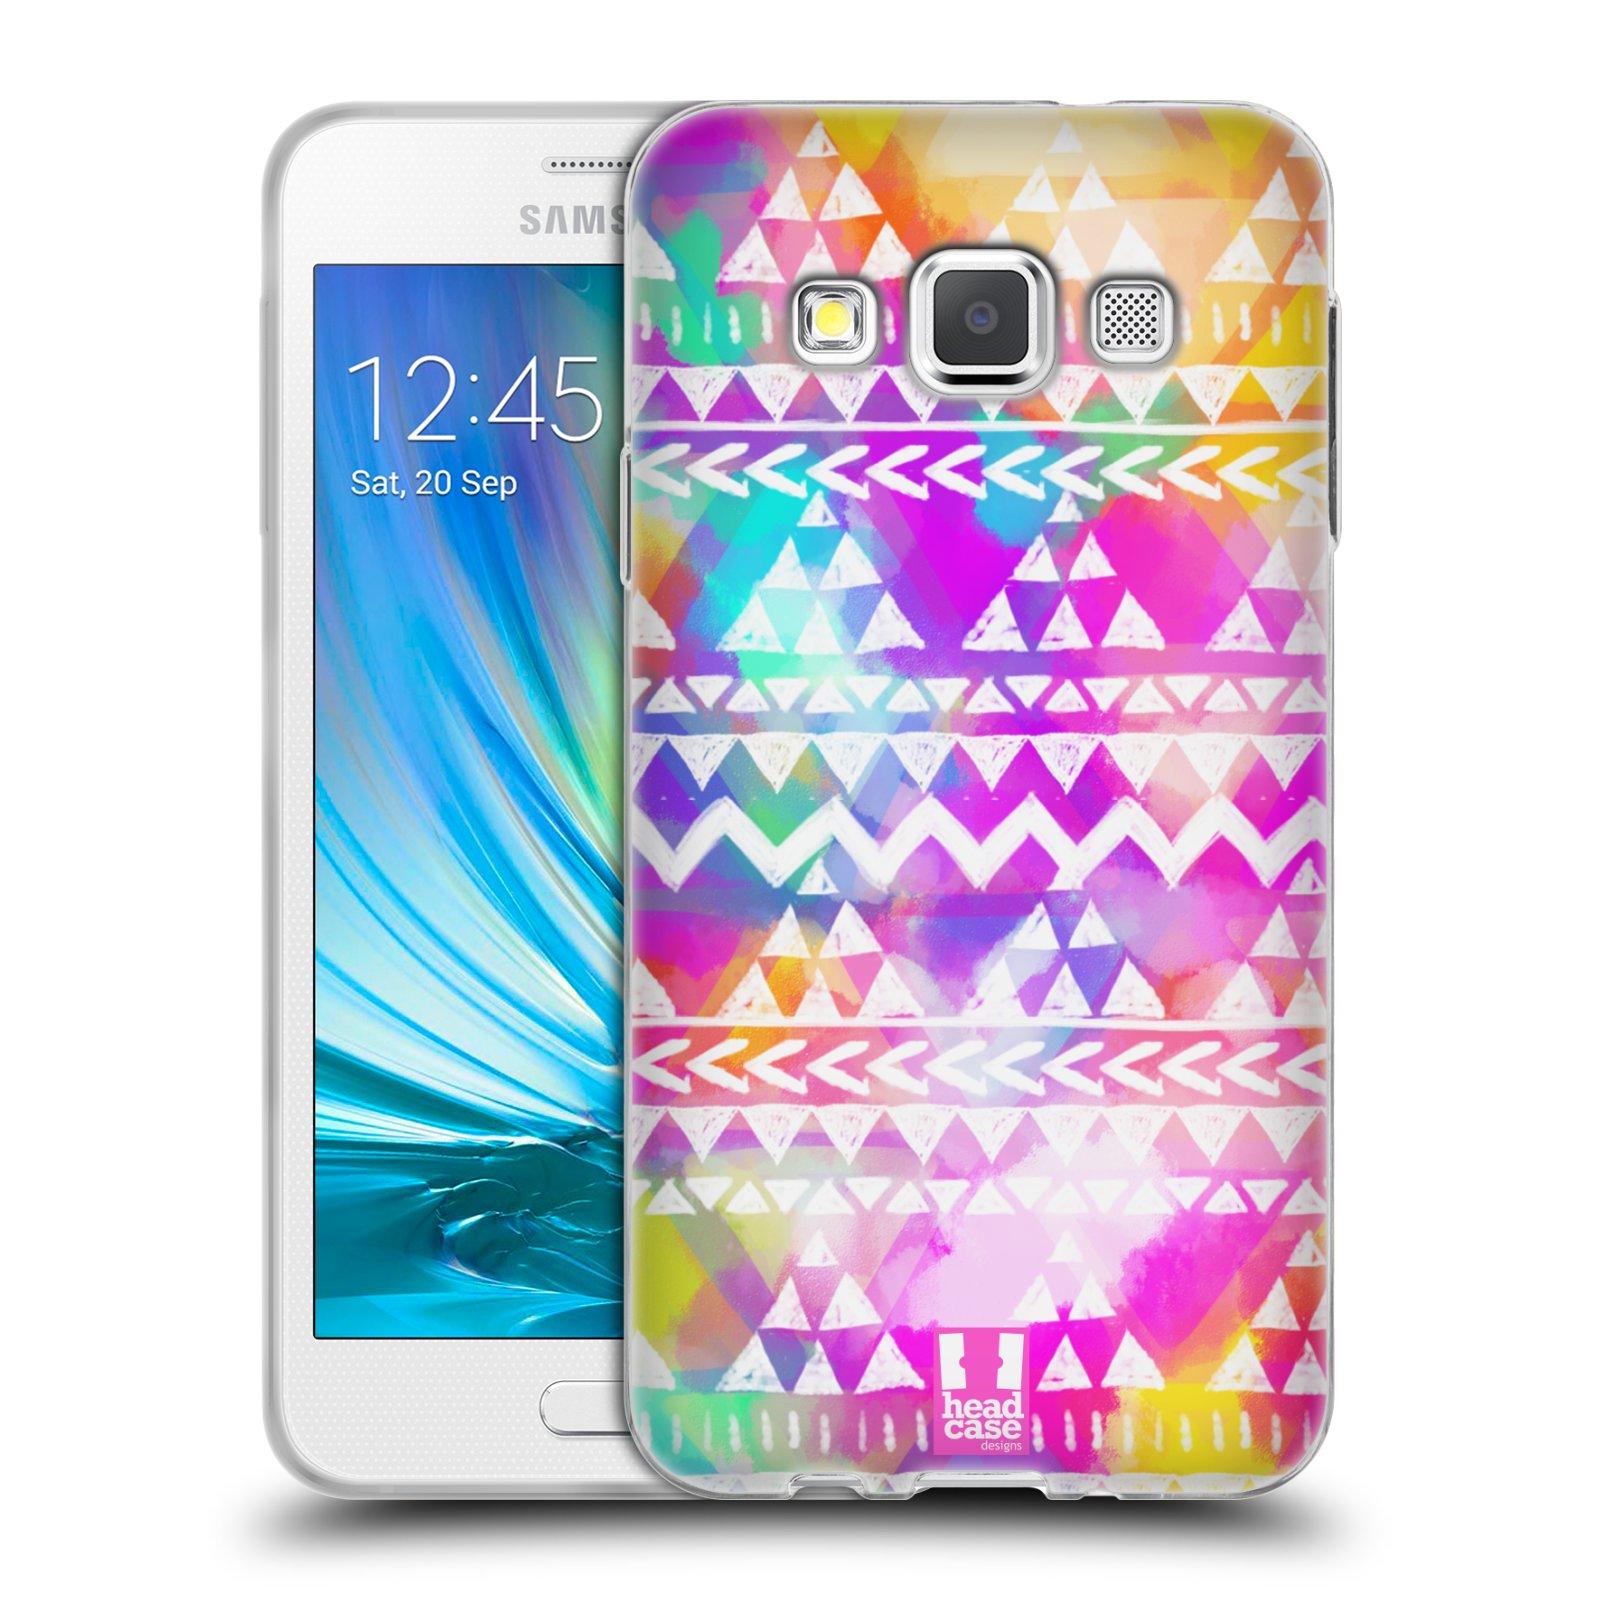 708cb2c20 HEAD CASE silikonový obal na mobil Samsung Galaxy A3 vzor CIK CAK barevné  znaky ZÁŘIVA RŮŽOVÁ empty